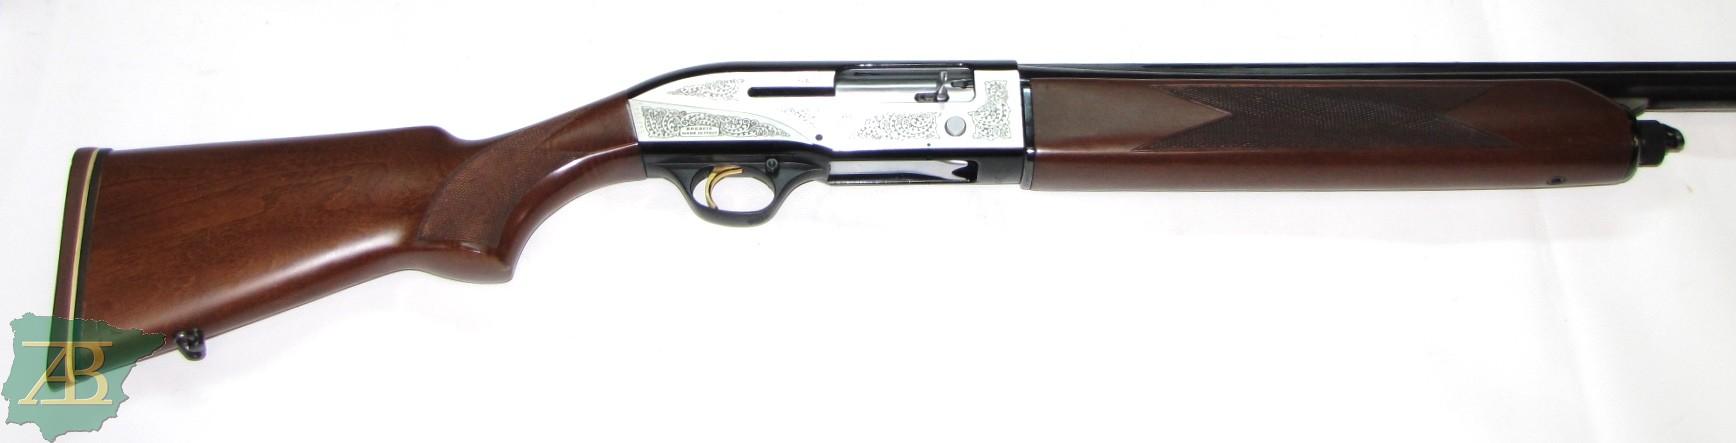 Escopeta semiautomática de caza BREDA Ref 5990-armeriaiberica-2